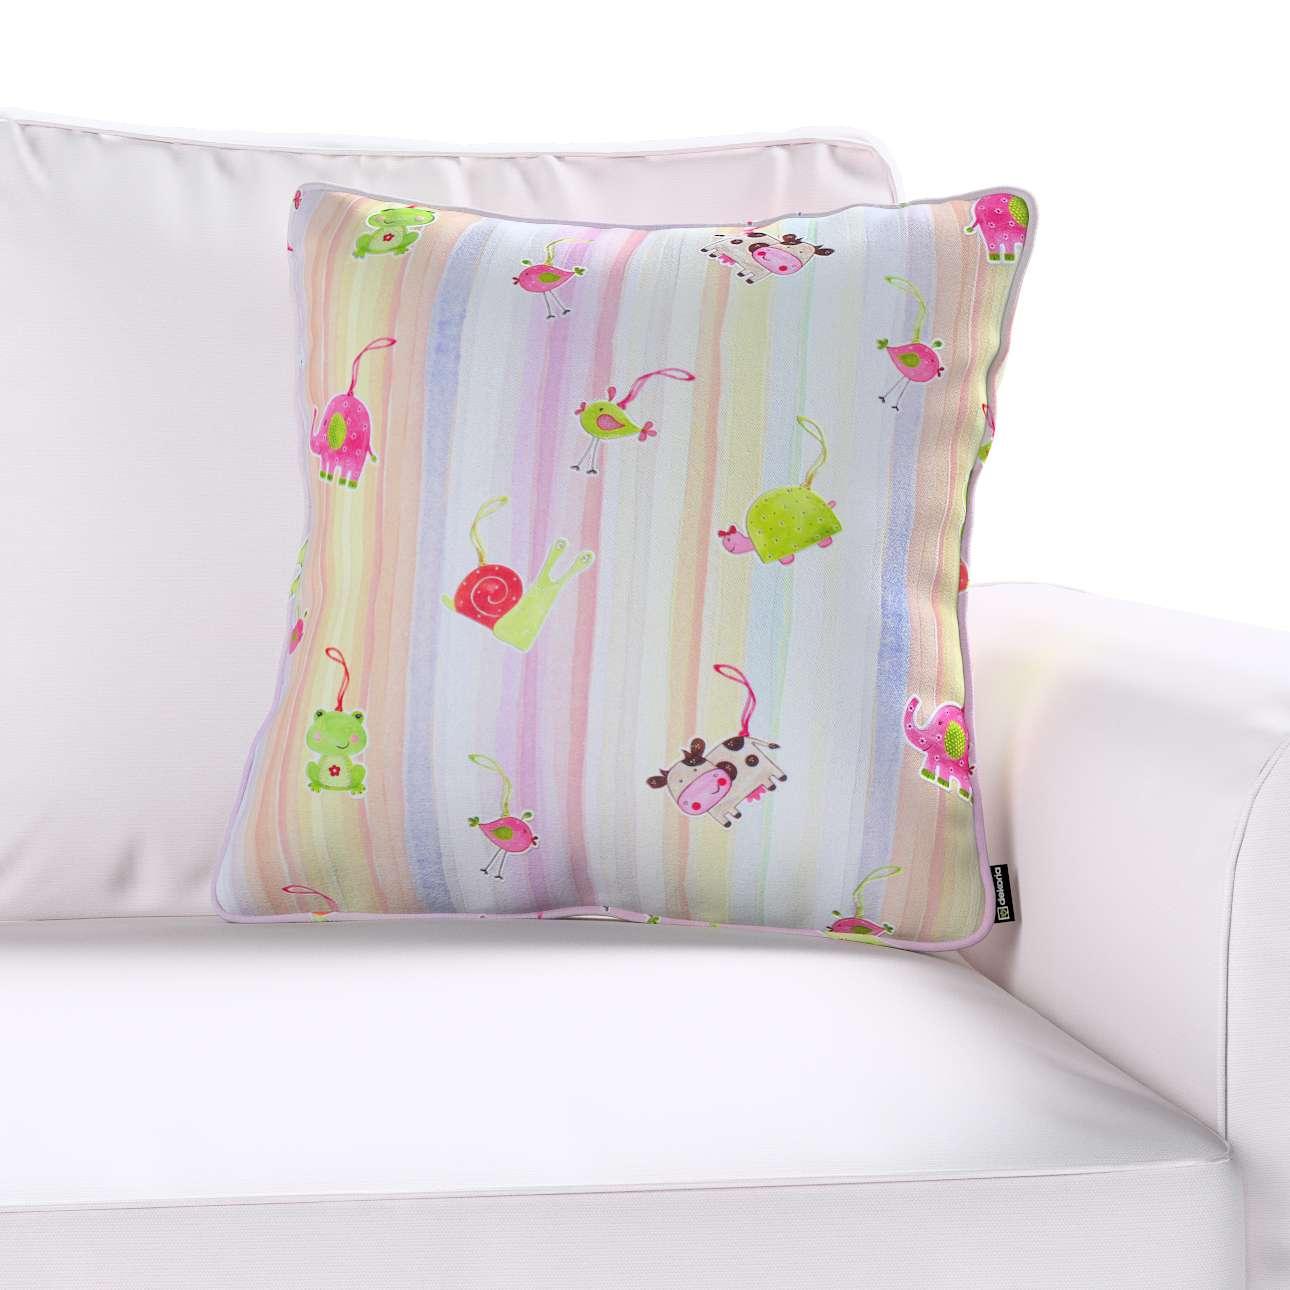 Poszewka Gabi na poduszkę 45 x 45 cm w kolekcji Apanona do -30%, tkanina: 151-05